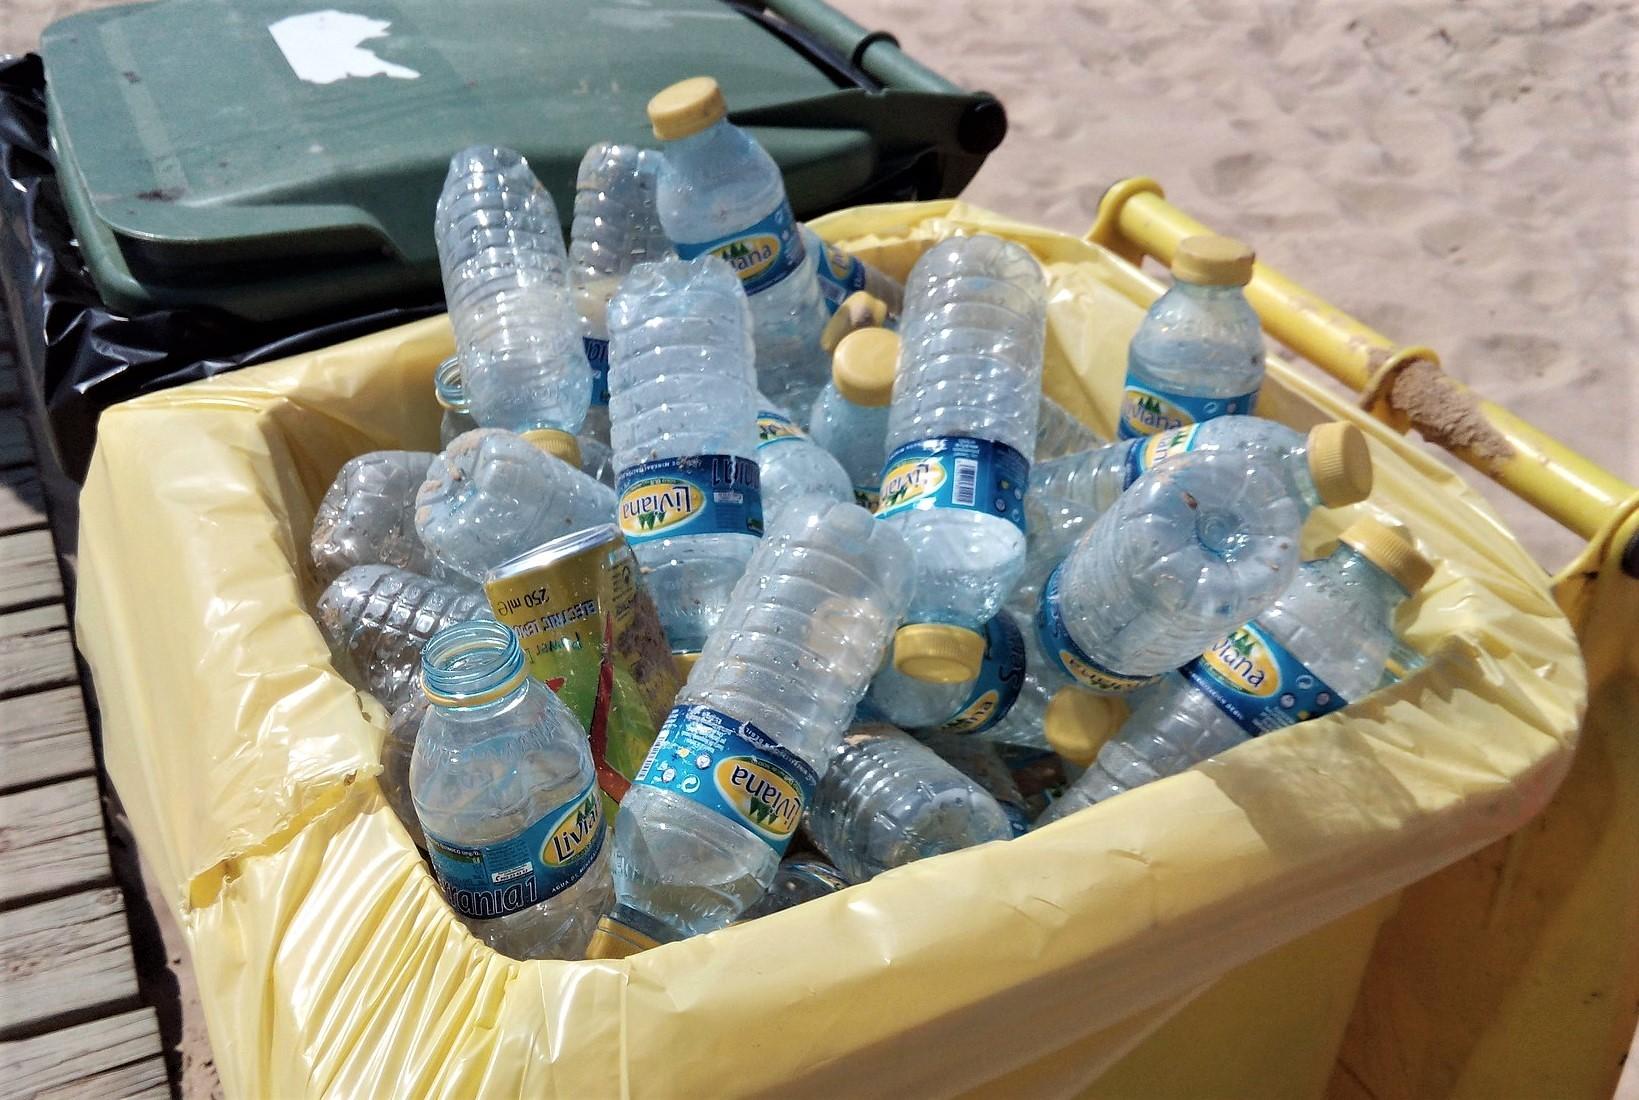 Zero Waste Europe y Retorna presentan sus propuestas para reducir los residuos generados